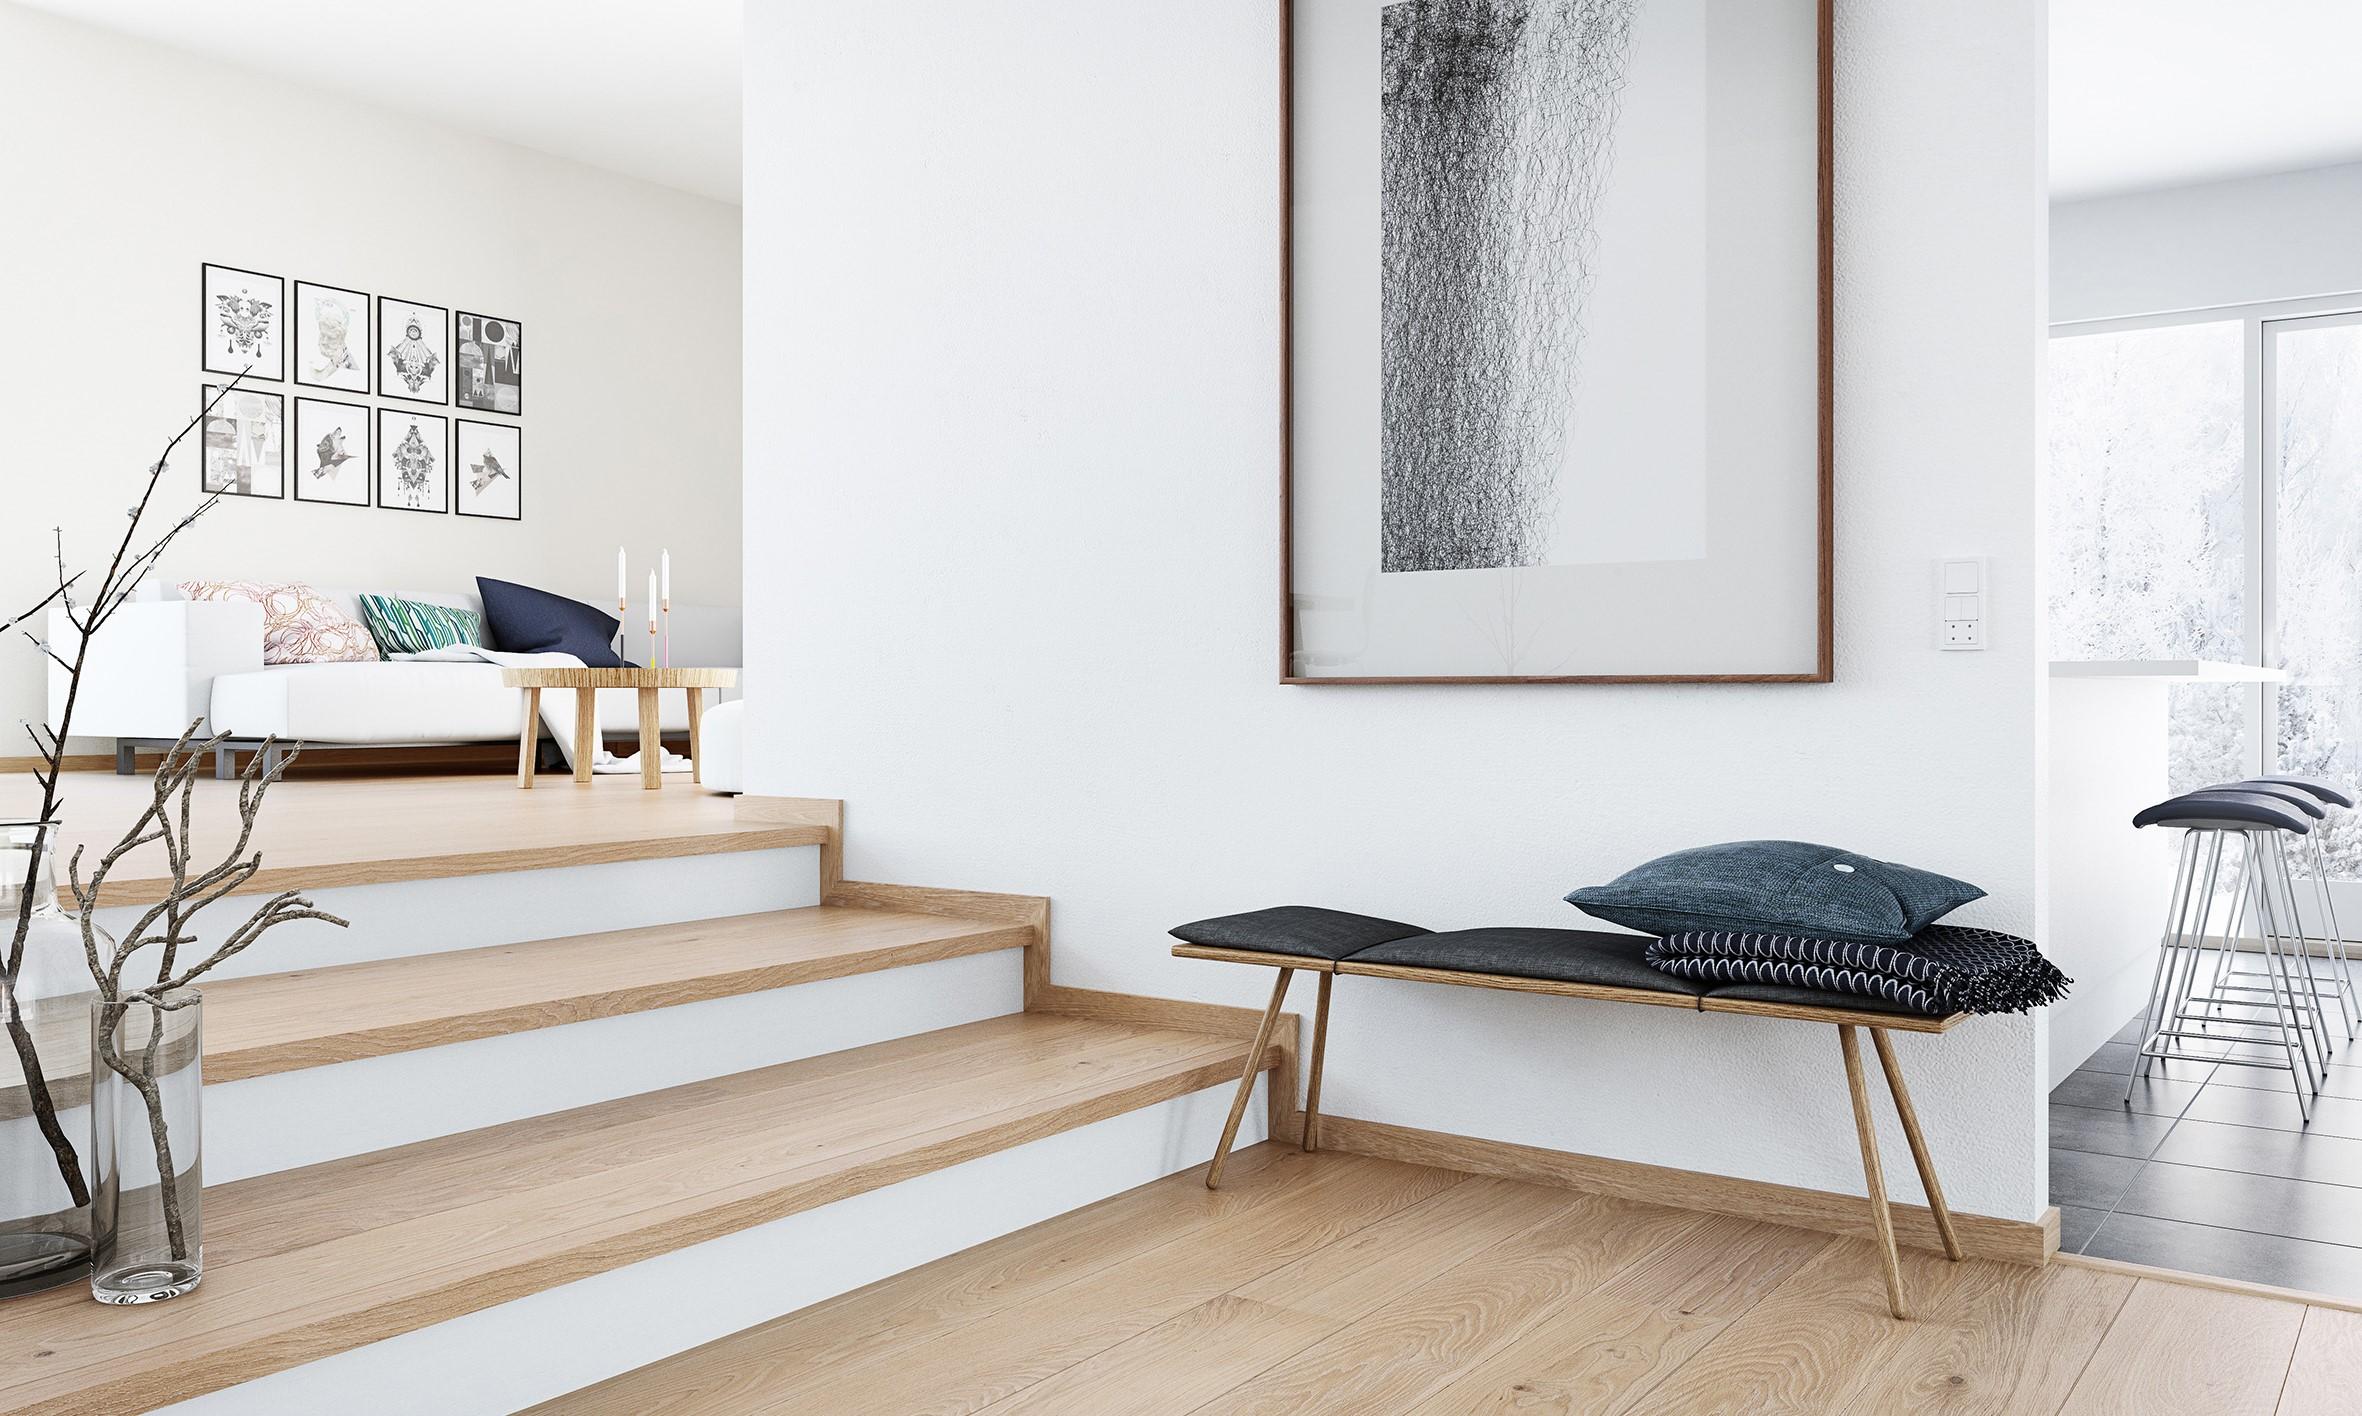 Plancher en bois classique.